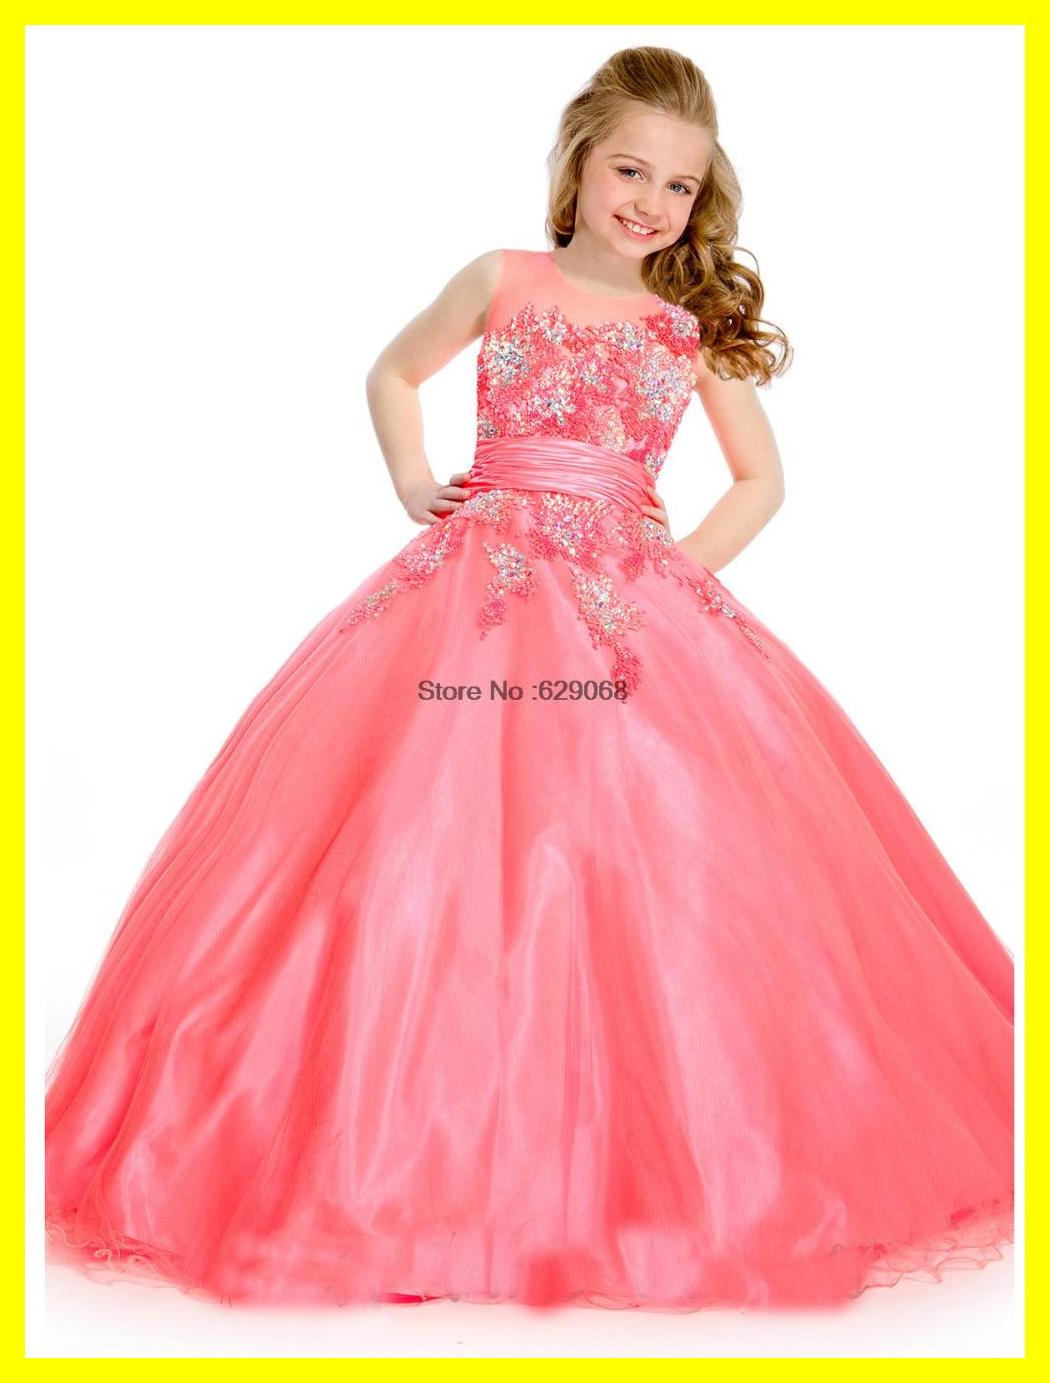 Buy girls dresses